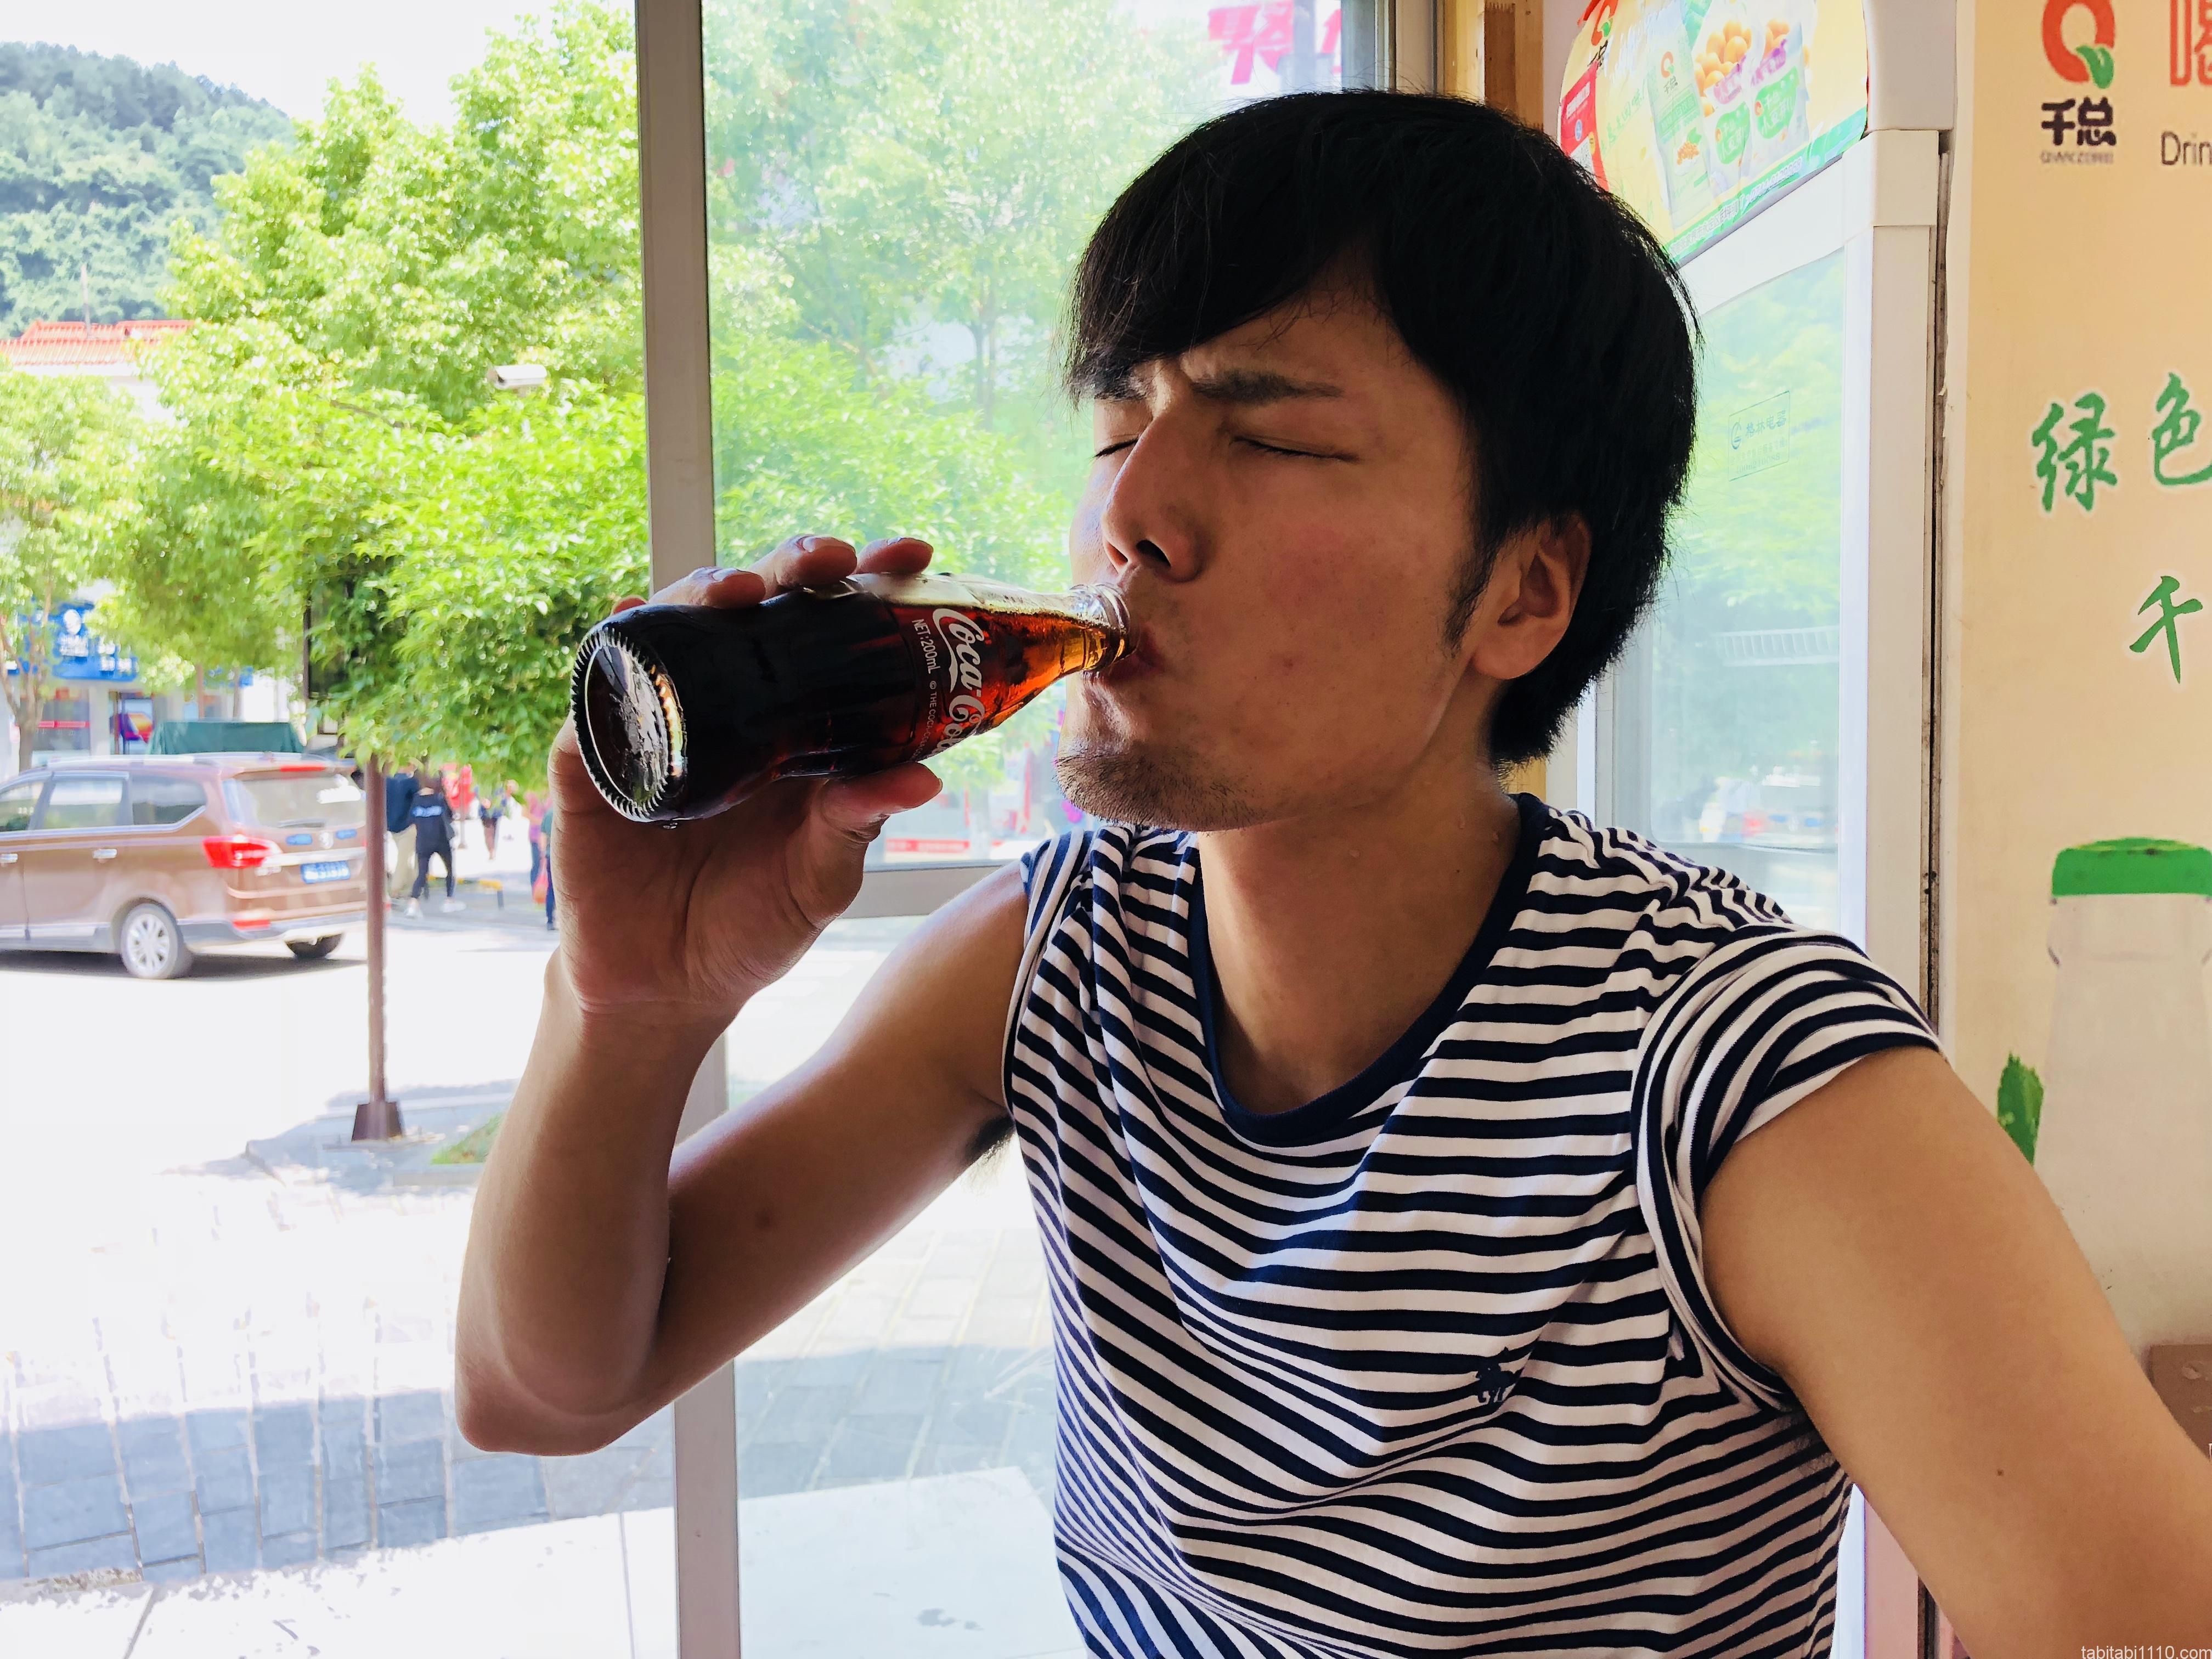 武陵源の食事|おすすめ中華料理店『牛灰汁』で中国コカ・コーラ